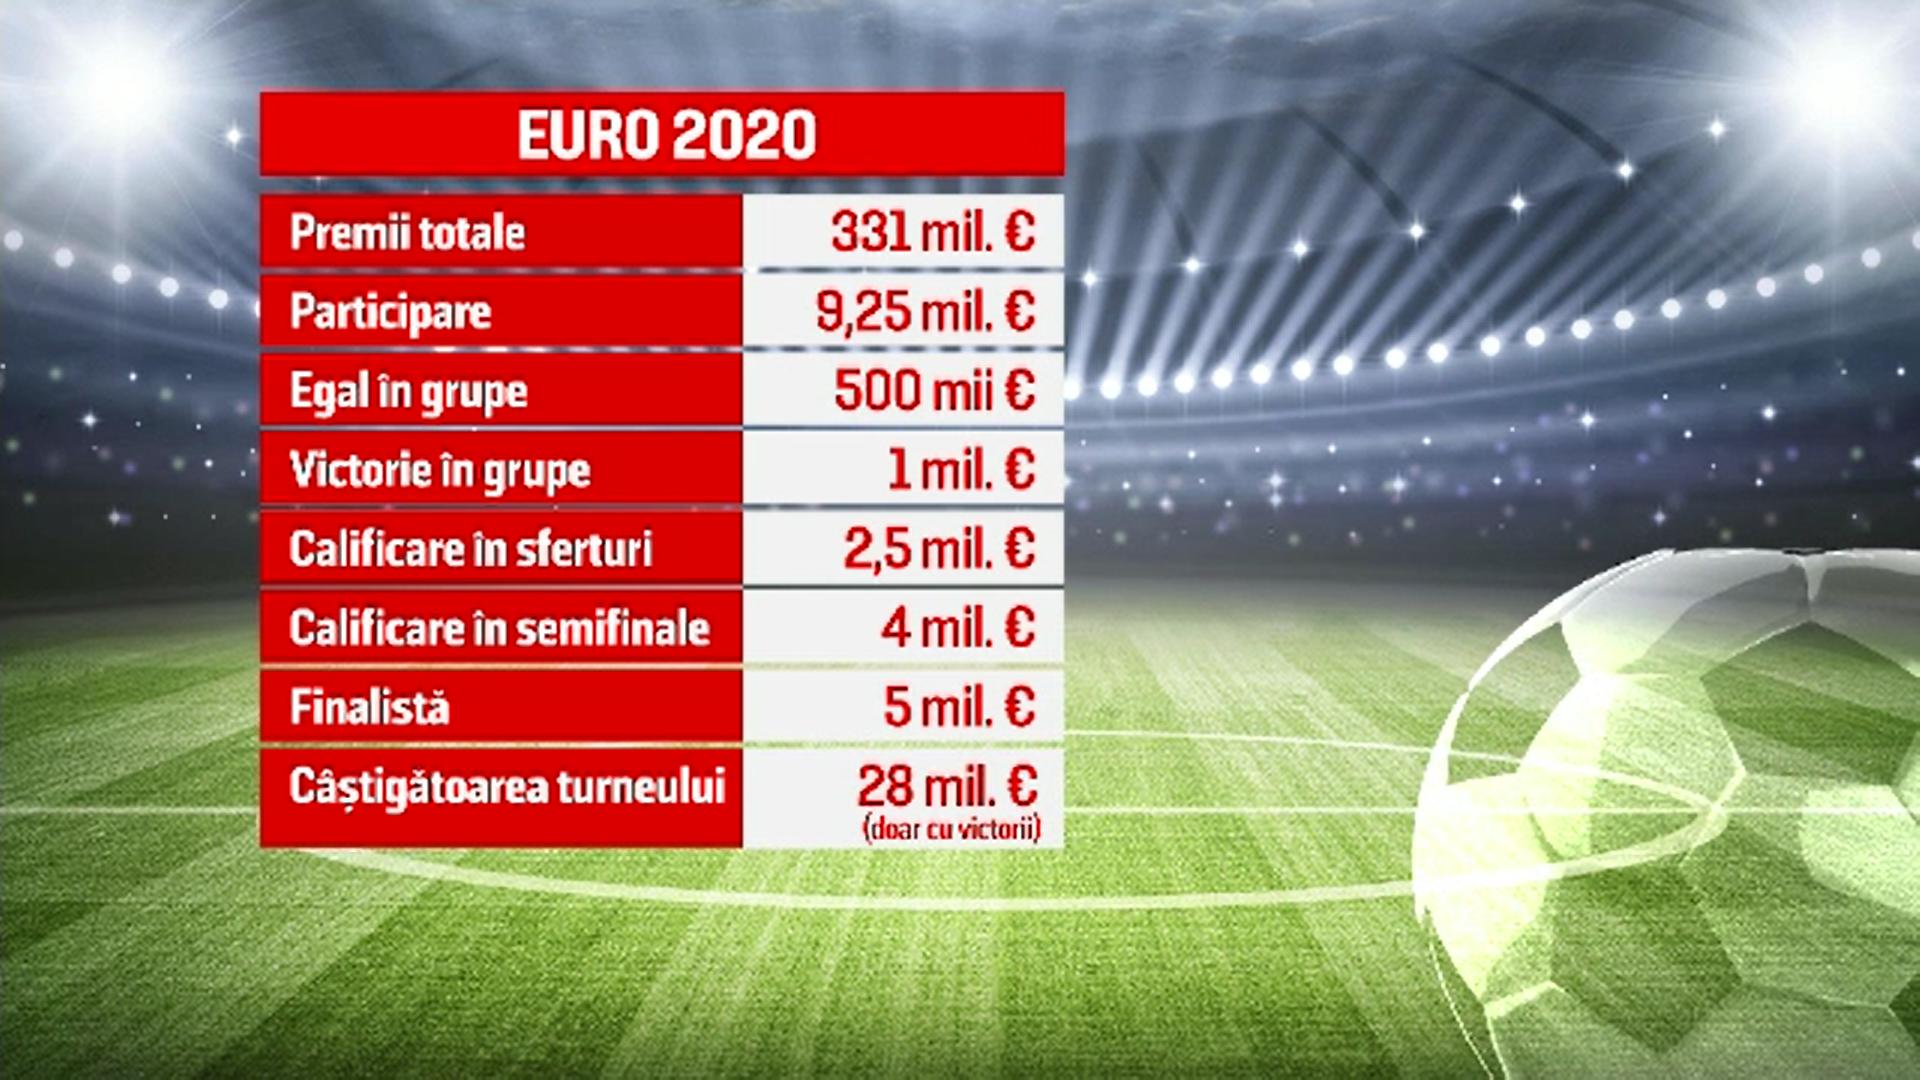 EURO 2020. Turneu de milioane la propriu. Cum va fi împărțit premiul total de 331 de milioane de euro